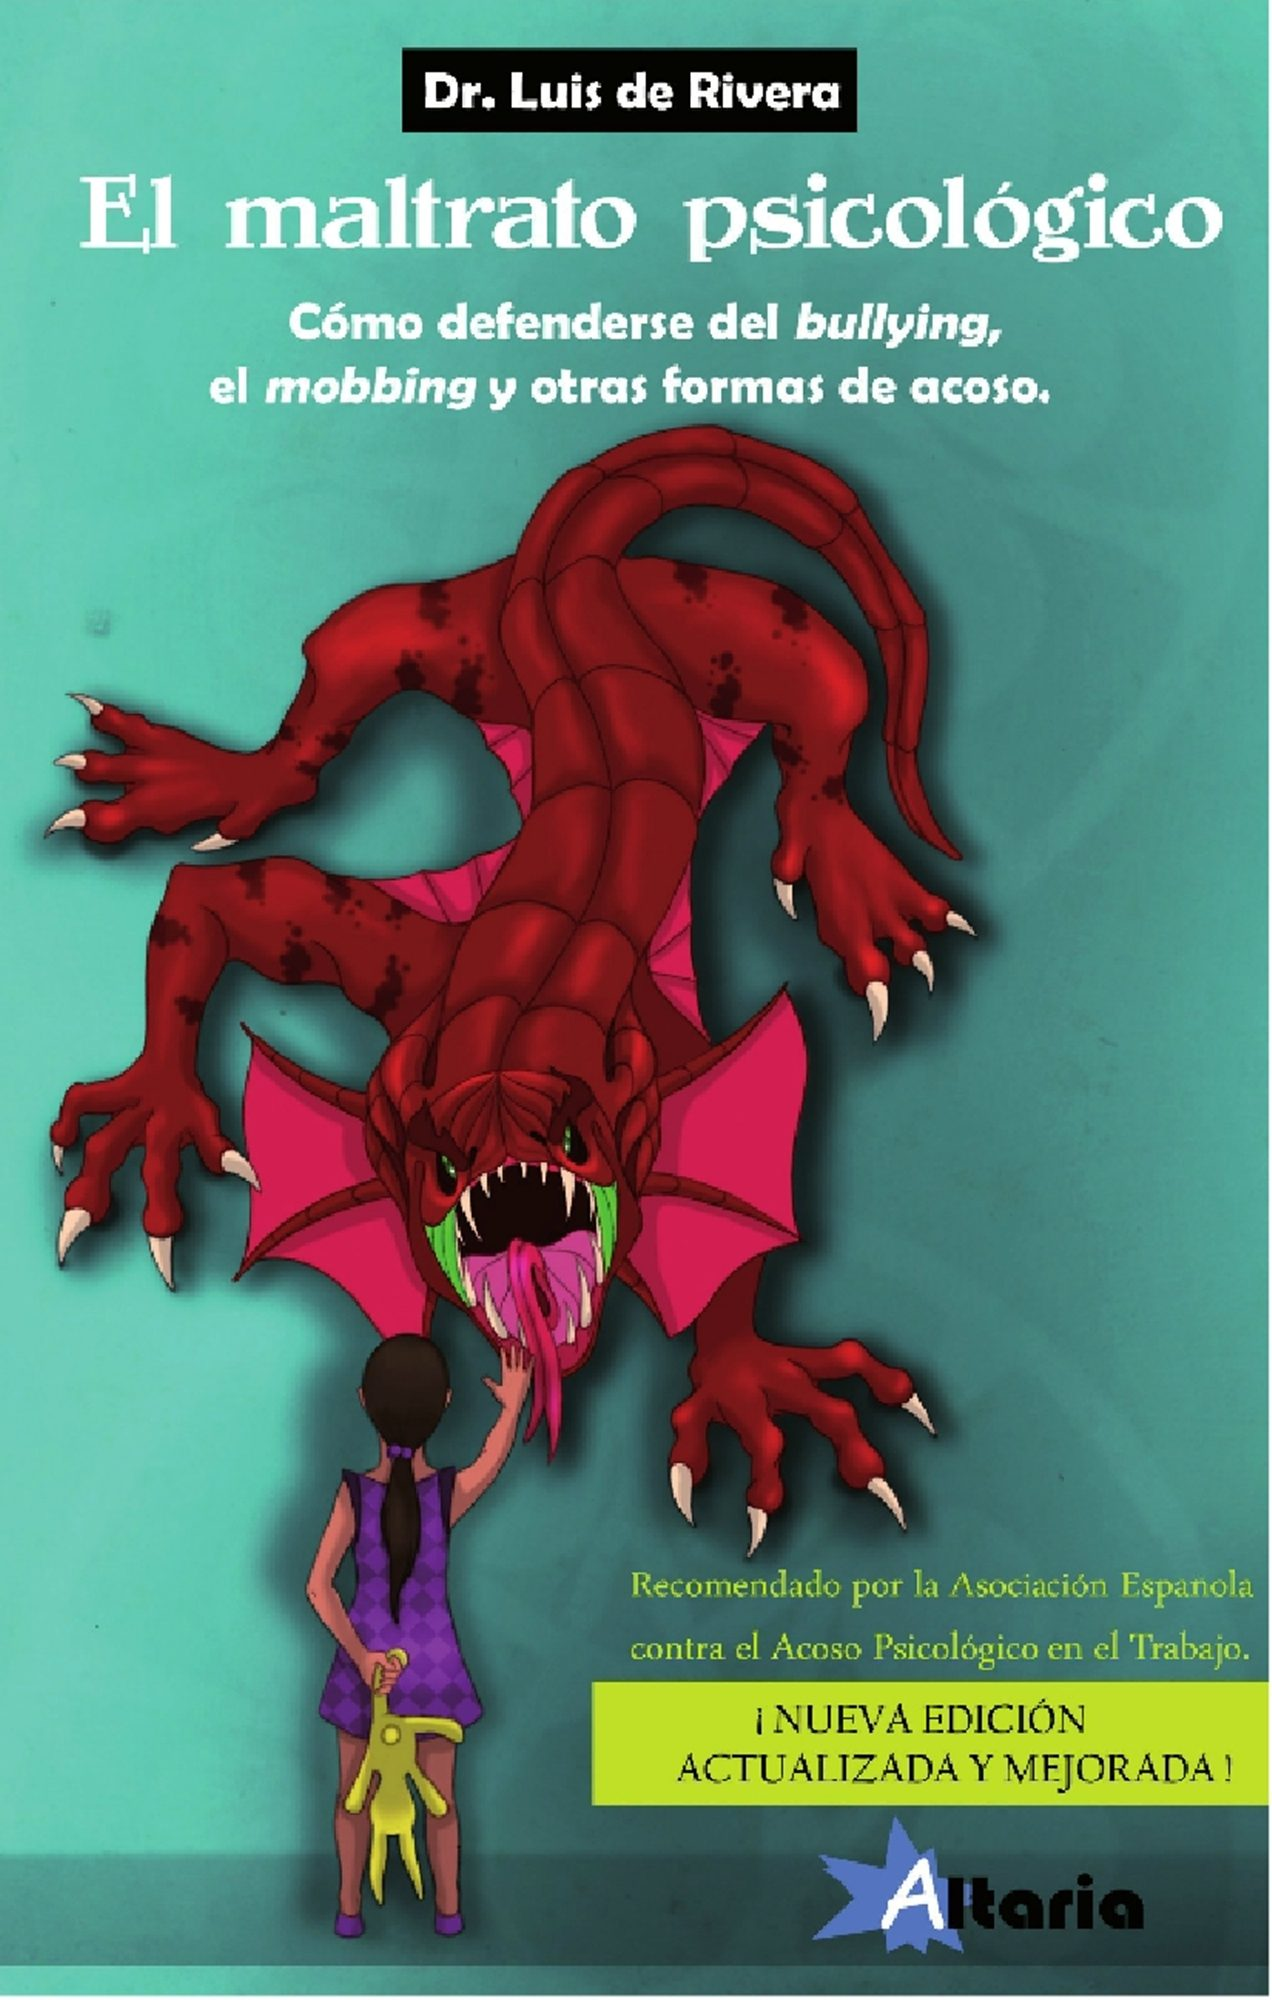 La evaluación del mobbing ebook | iñaki piñuel | descargar libro.